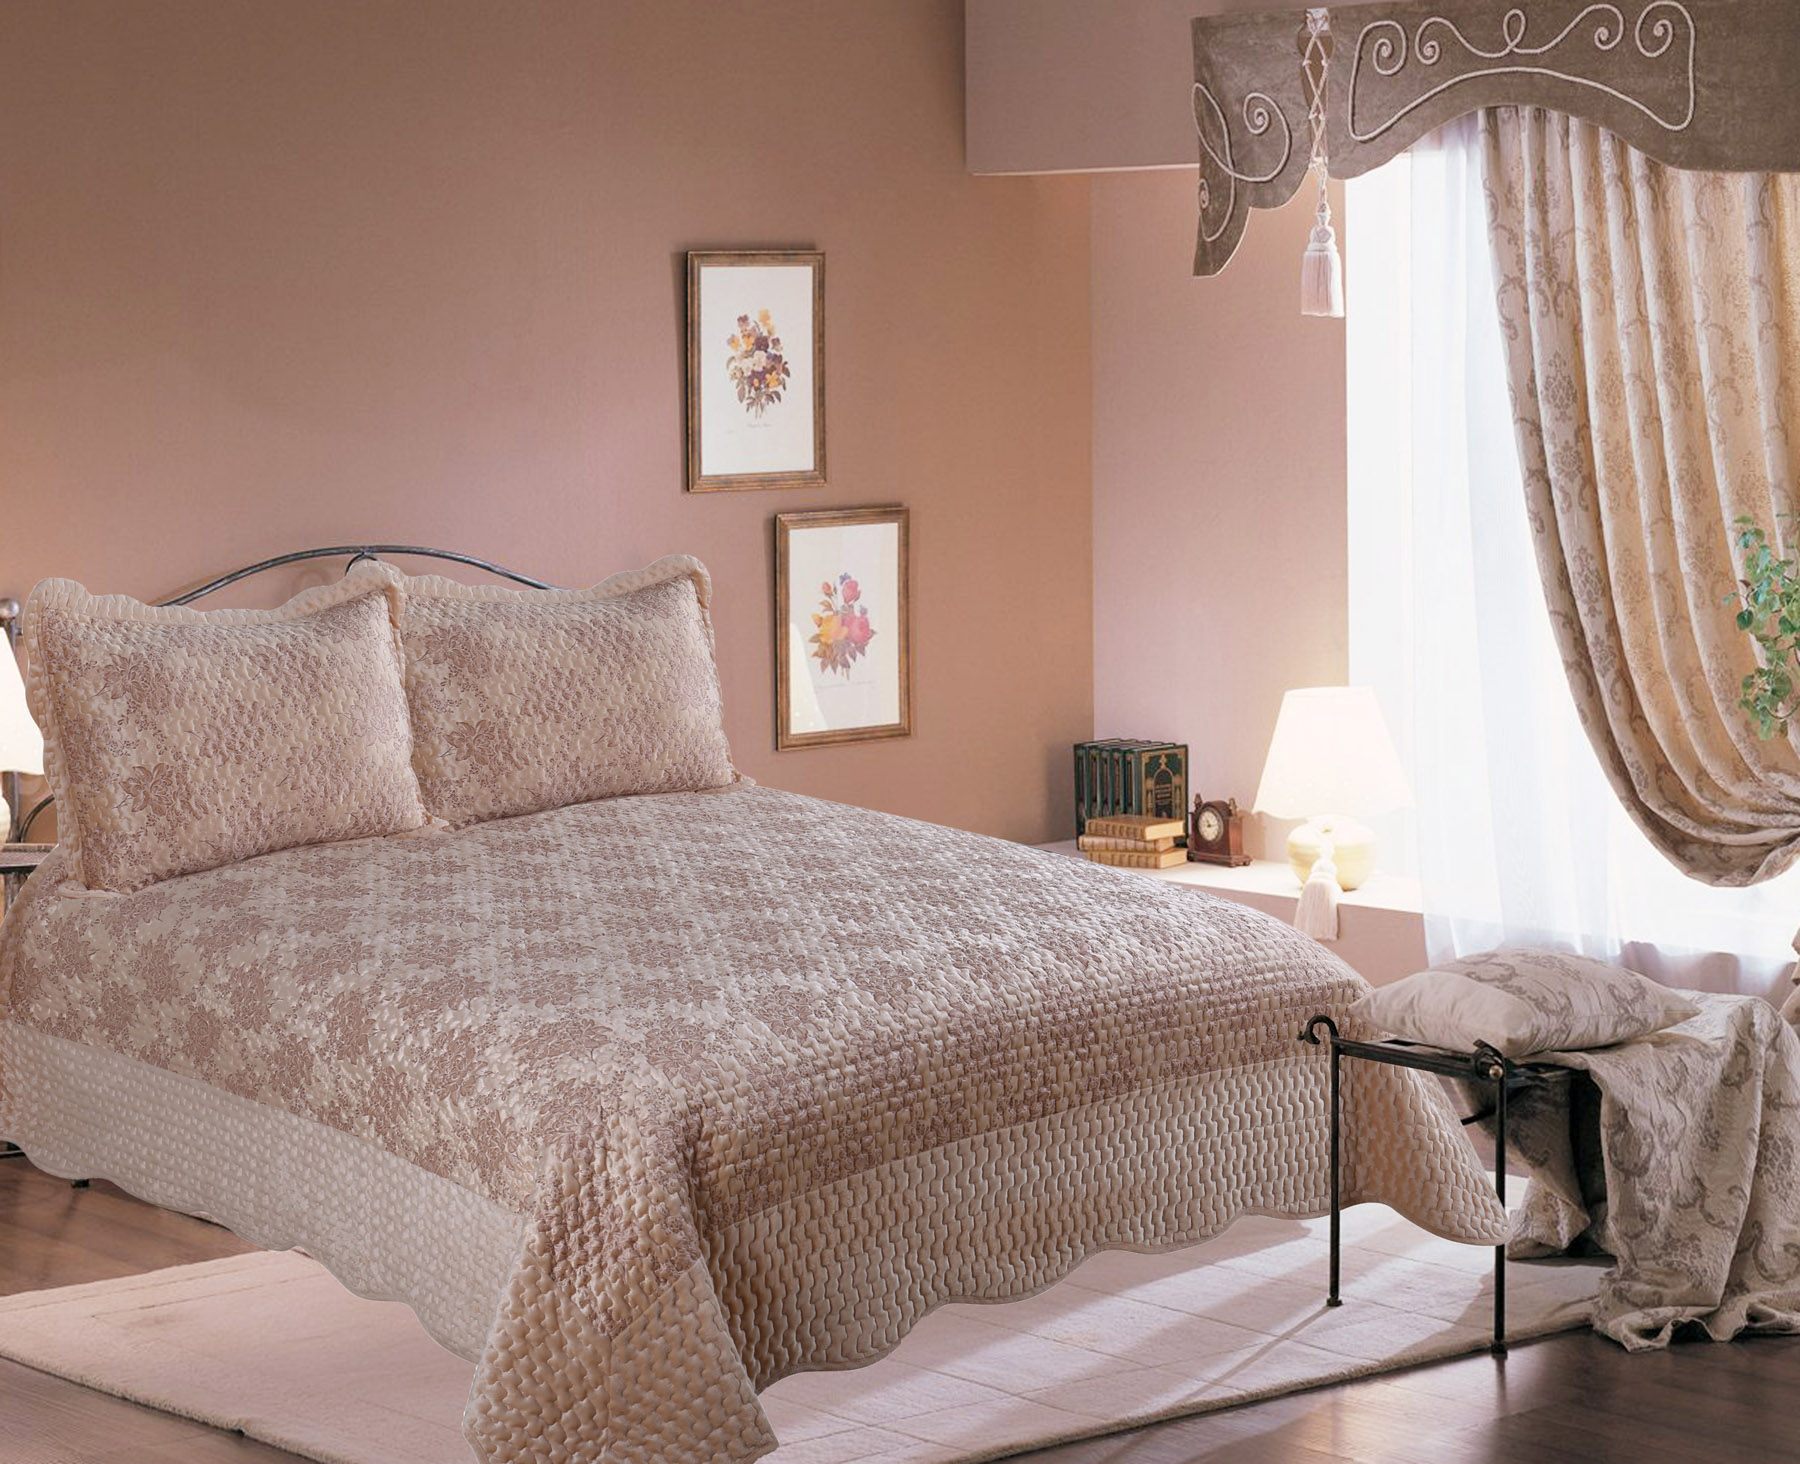 Купить Пледы и покрывала Amore Mio, Покрывало Roose (220х240 см), Китай, Коричневый, Синтетический сатин, Синтетический велюр